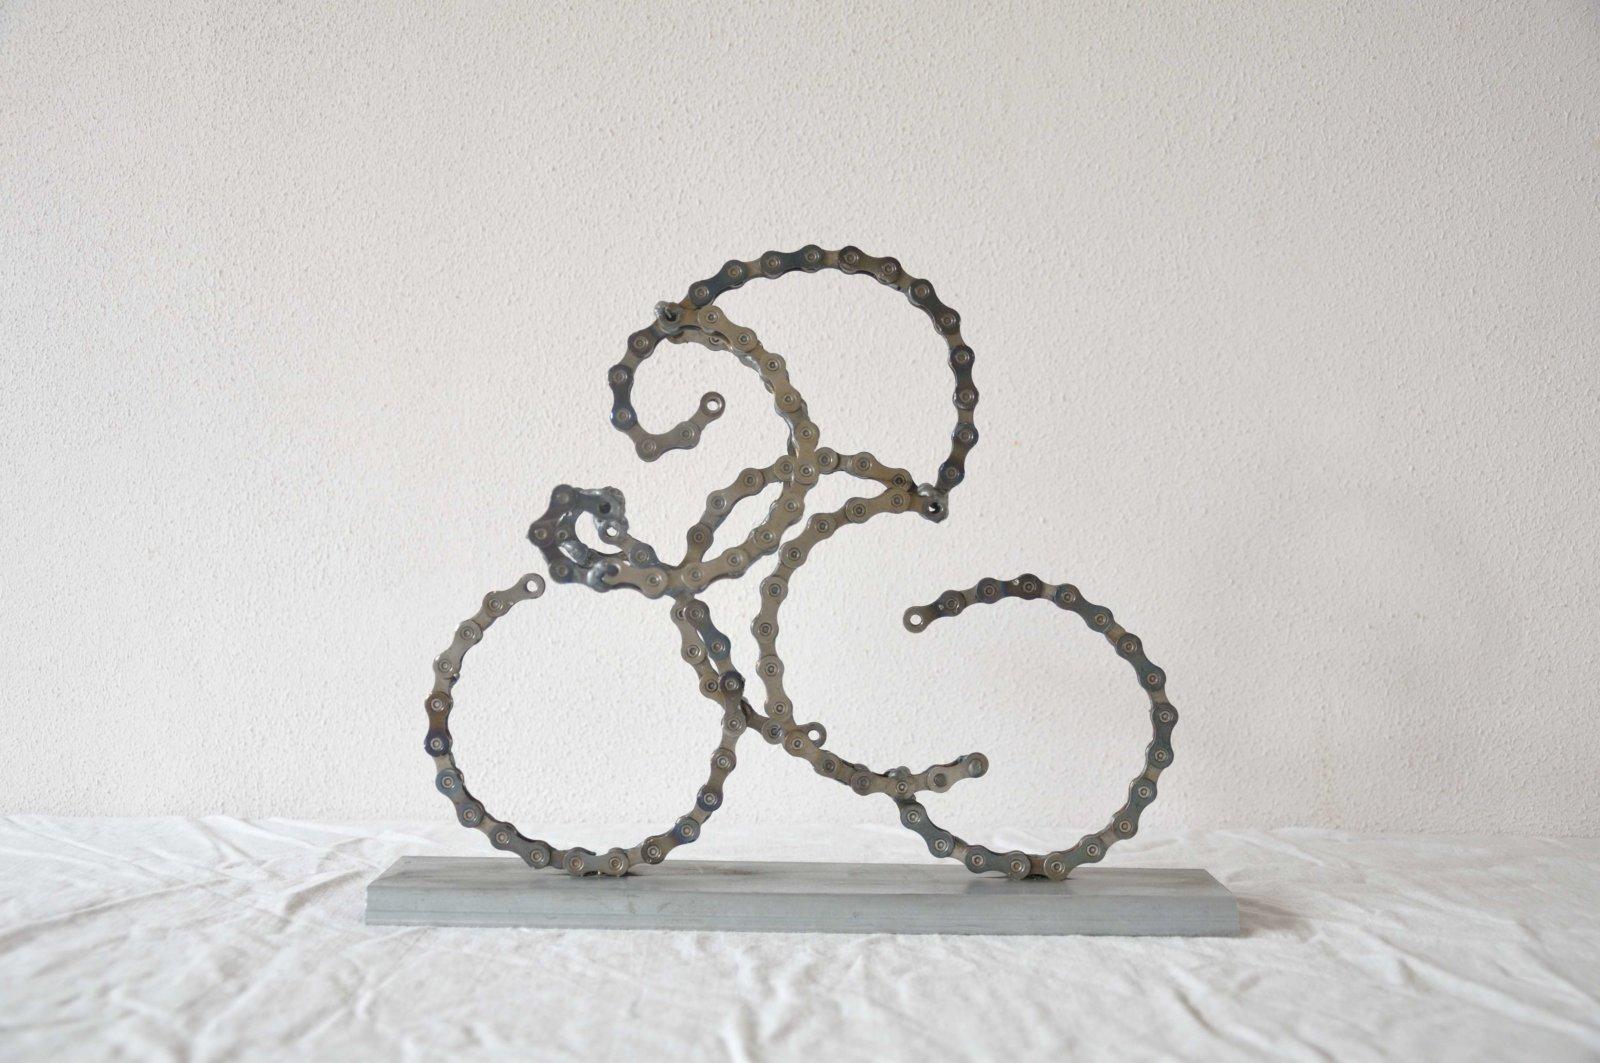 3D Wielrenner Cyclist Sculpture Bike Chain Fietsketting Decreatievelink